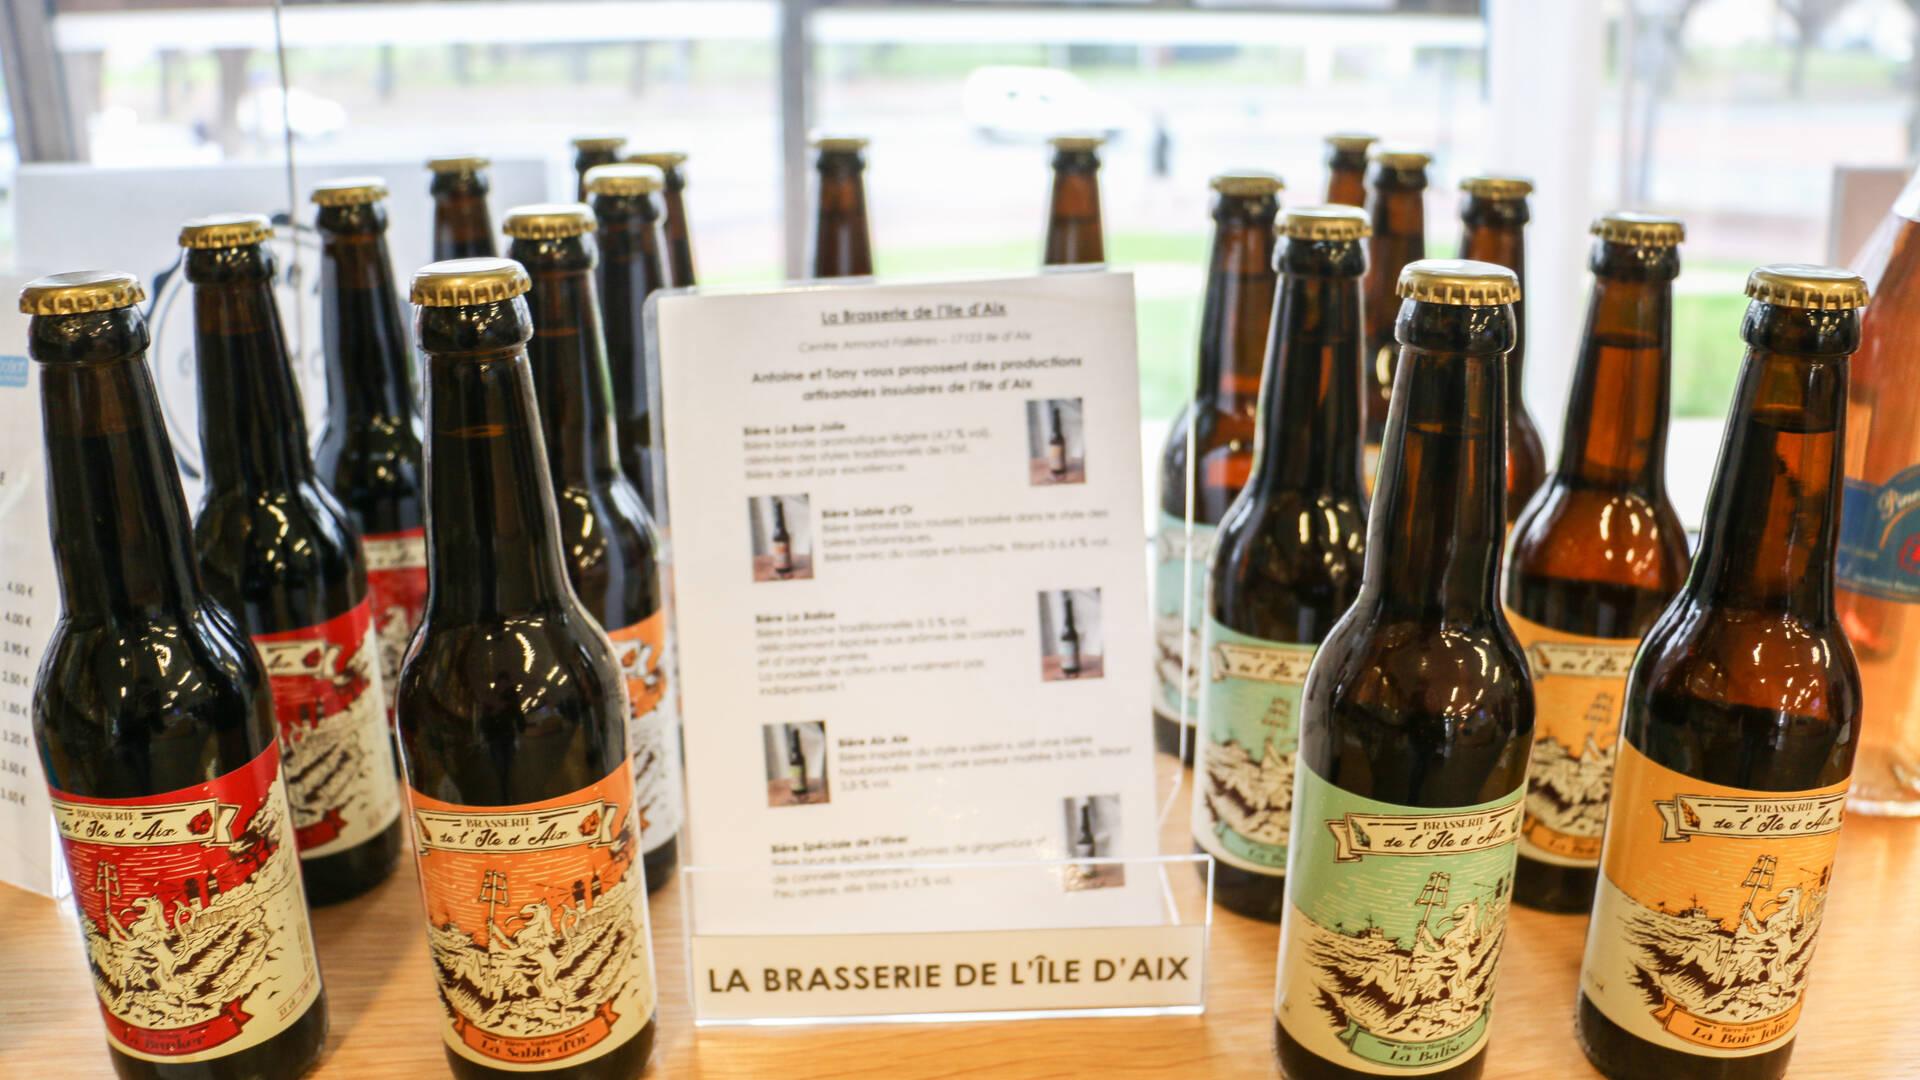 Les bières artisanales de l'île d'Aix ©S.Boutin